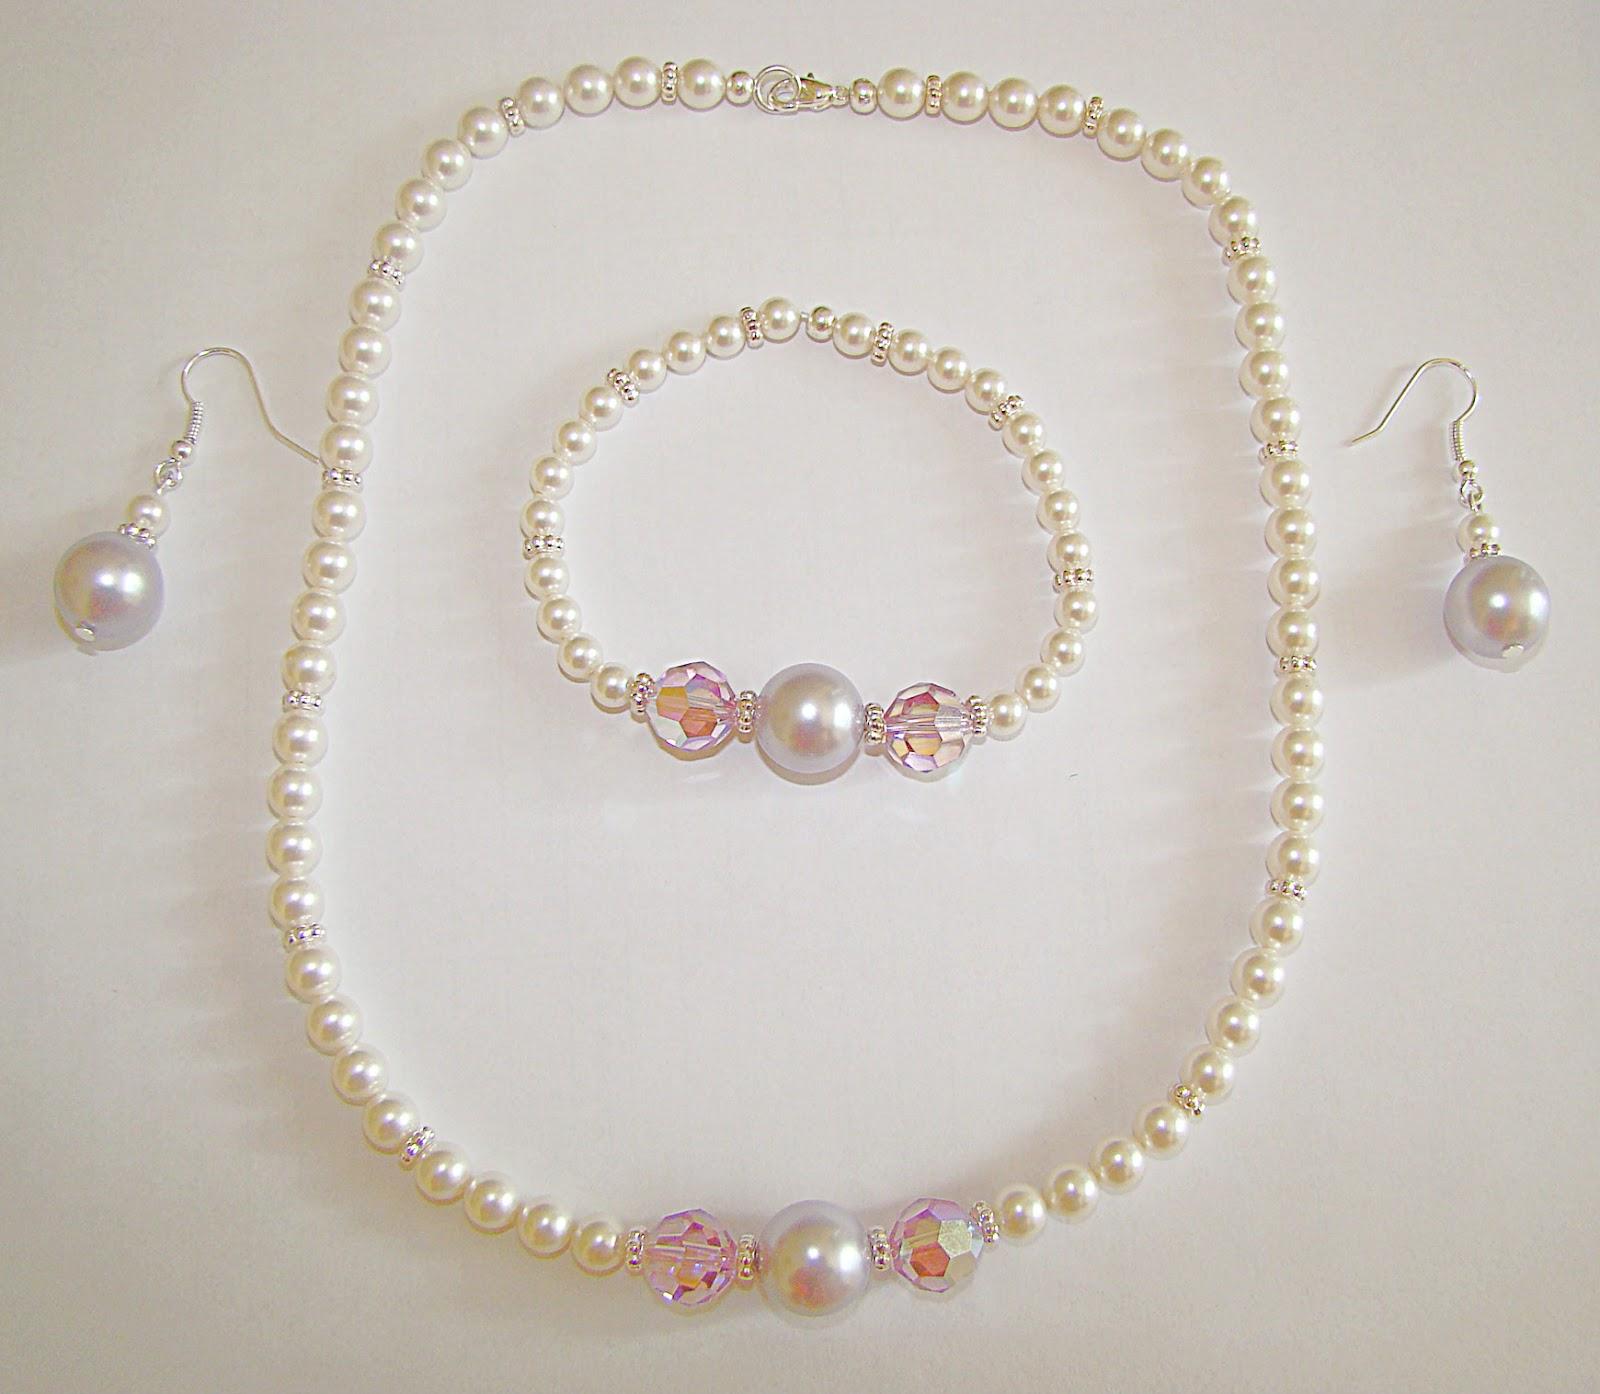 10d06b6c980 Kõik oli justkui korras, aga puudusid kleidi juurde sobivad ehted. Sai siis  valmistatud Swarowski pärlitest ja kristallidest selline komplekt.